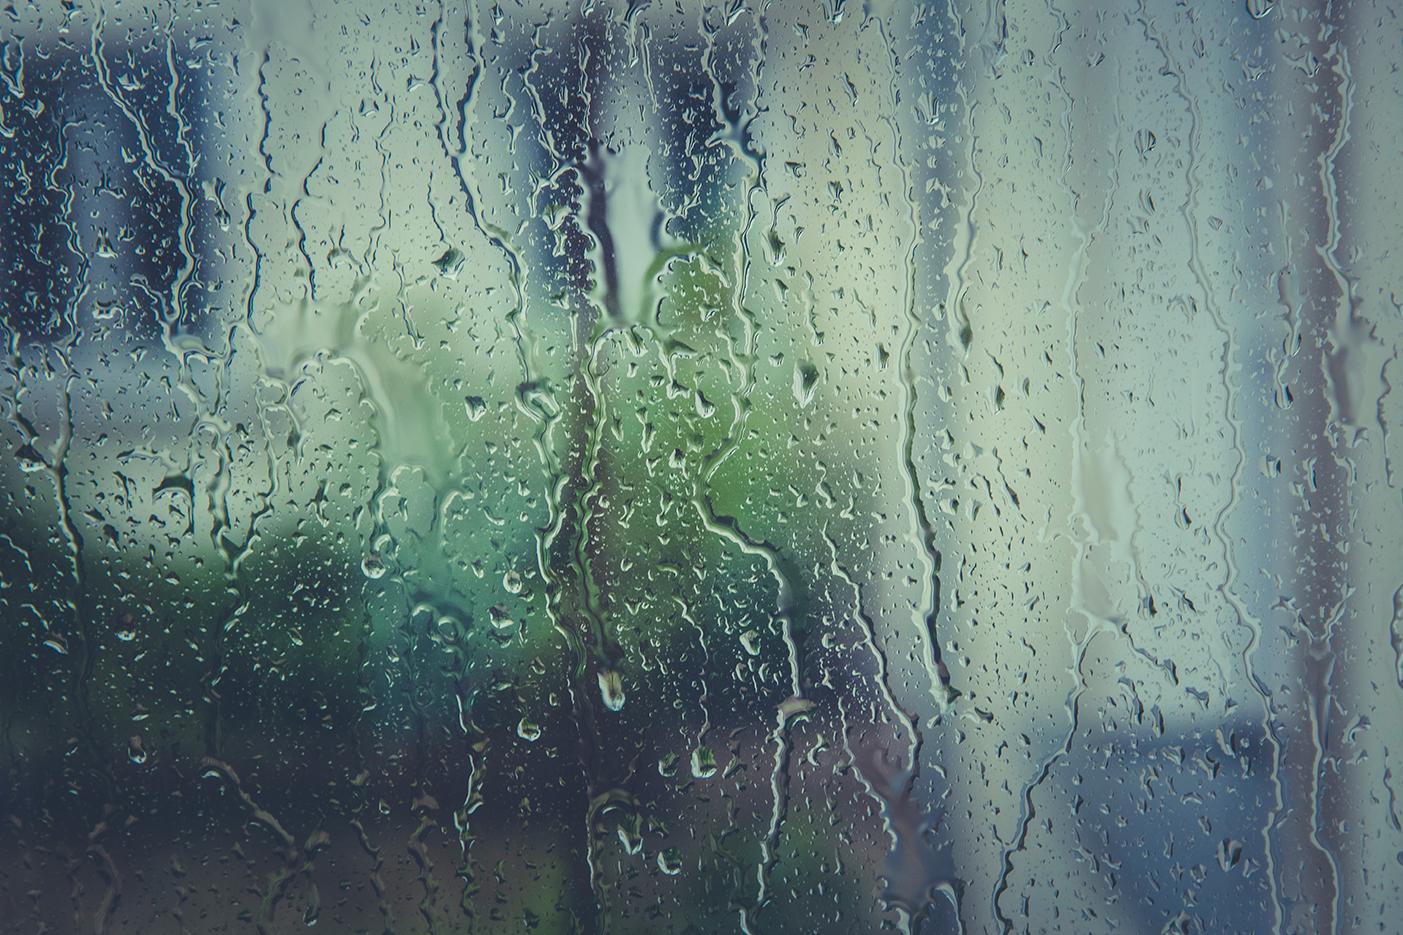 UItzicht naar buiten door met regendruppels beslagen raam